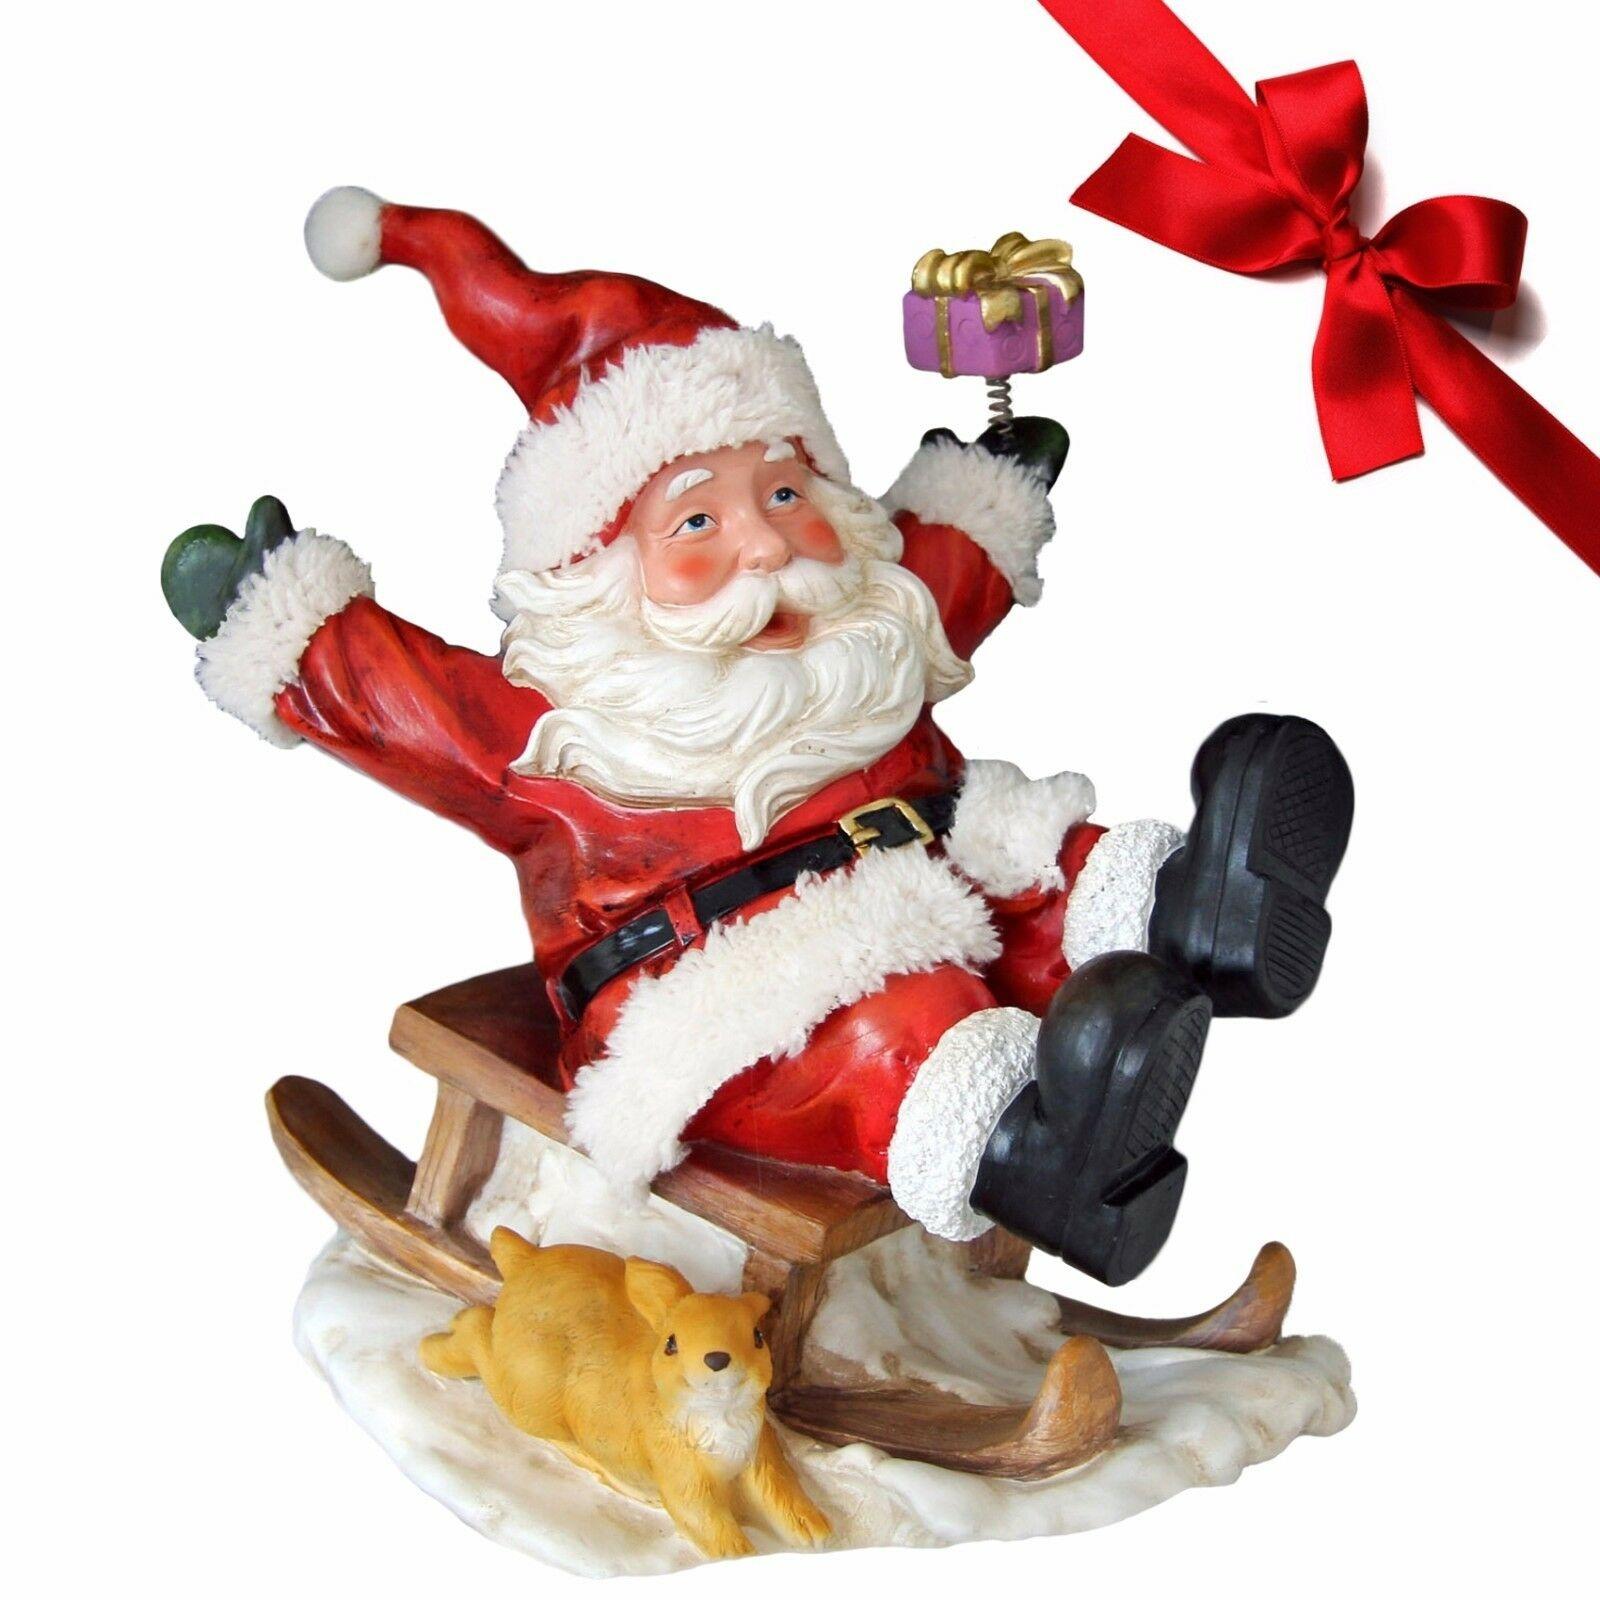 Lilia´s Figuren Schneemann Zippy - Weihnachtsfigur perfekt für die Dekoration zu Heiligabend